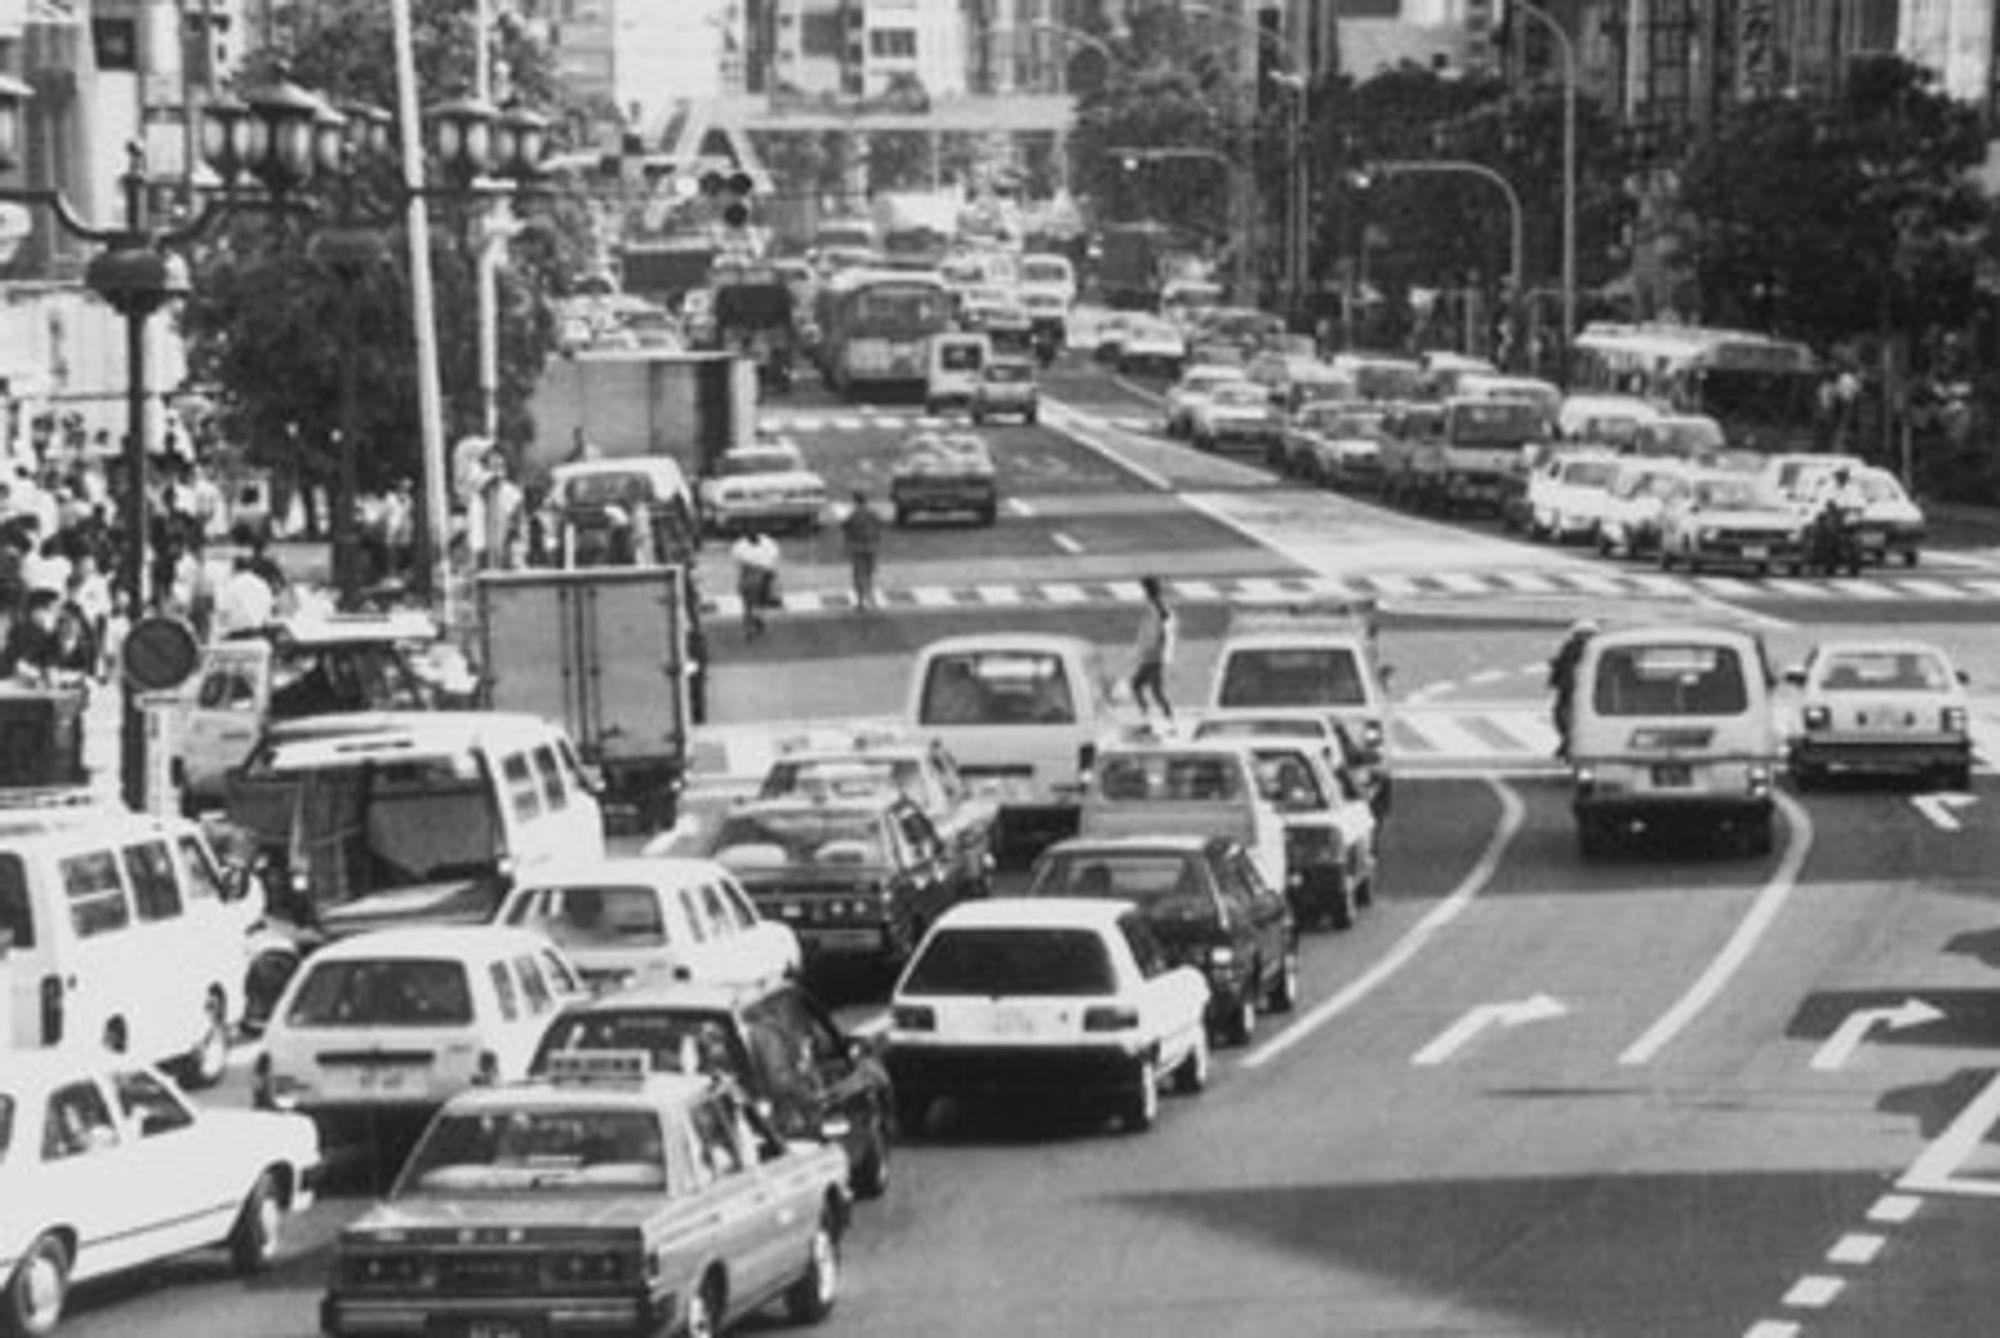 Skrytebilder: I forbindelse med lanseringen av Nikons QV-1000C i 1988 ble flere av testbildene tatt av kameraet publisert i deres reklamebrosjyrer.  Foto: Nikonweb.com